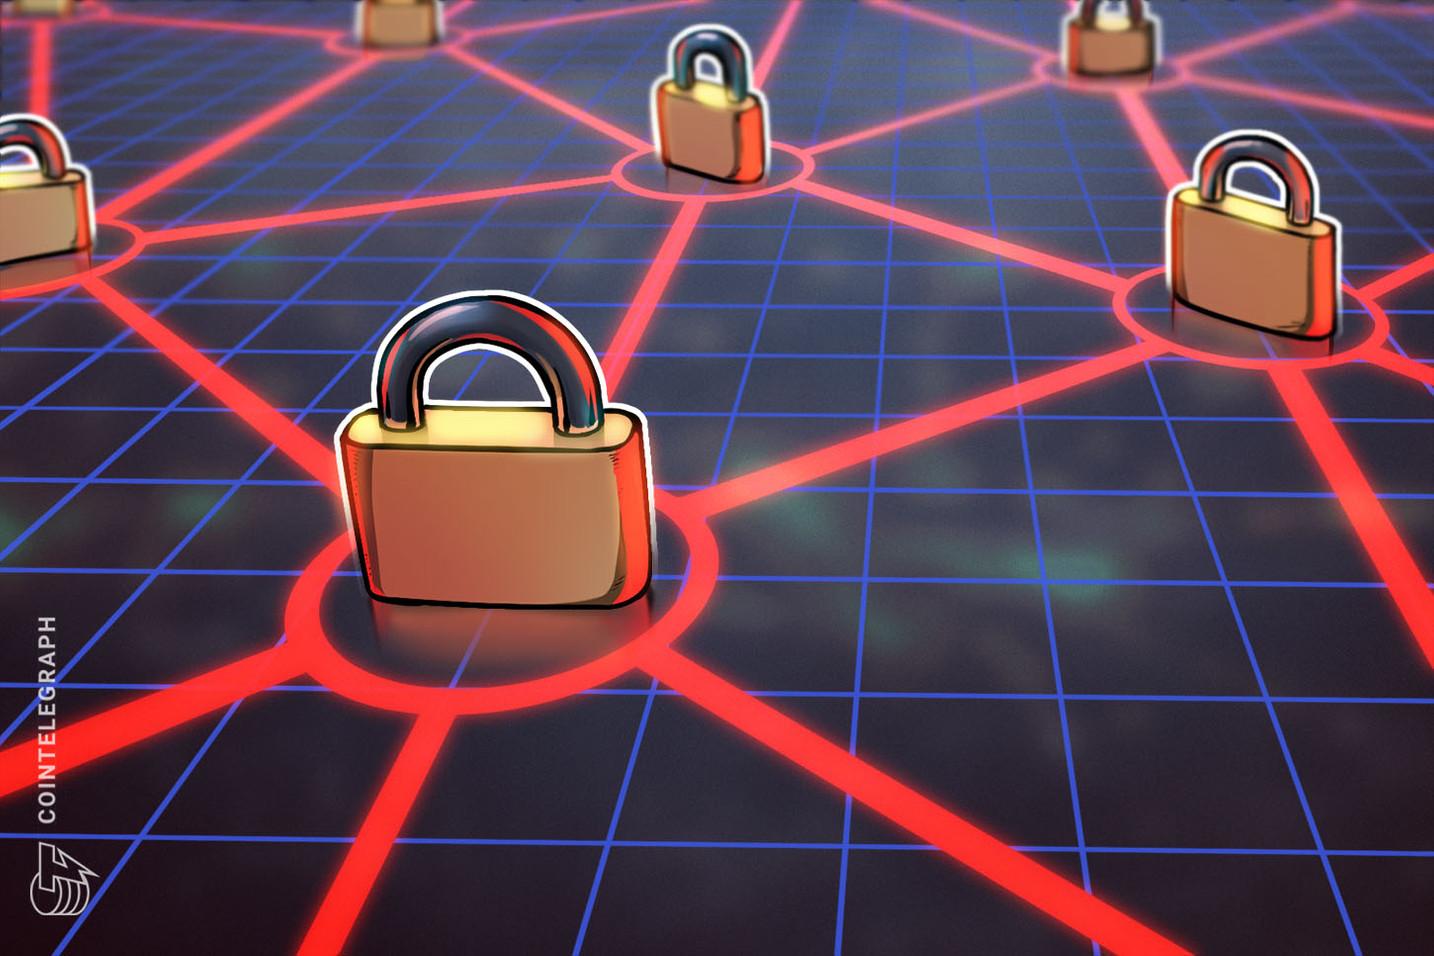 La violación de datos de la criptobilletera Gatehub compromete las contraseñas de 1.4 millones de usuarios